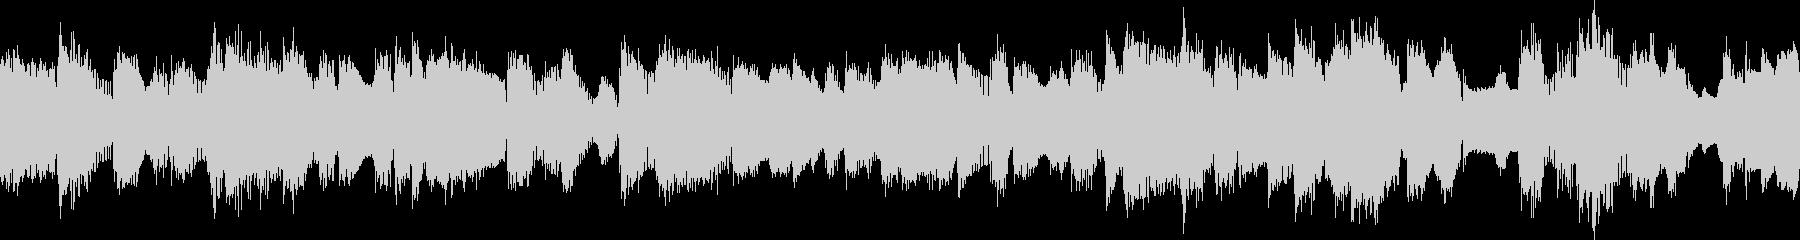 ビックバンドジャズ、スローバラードLPの未再生の波形